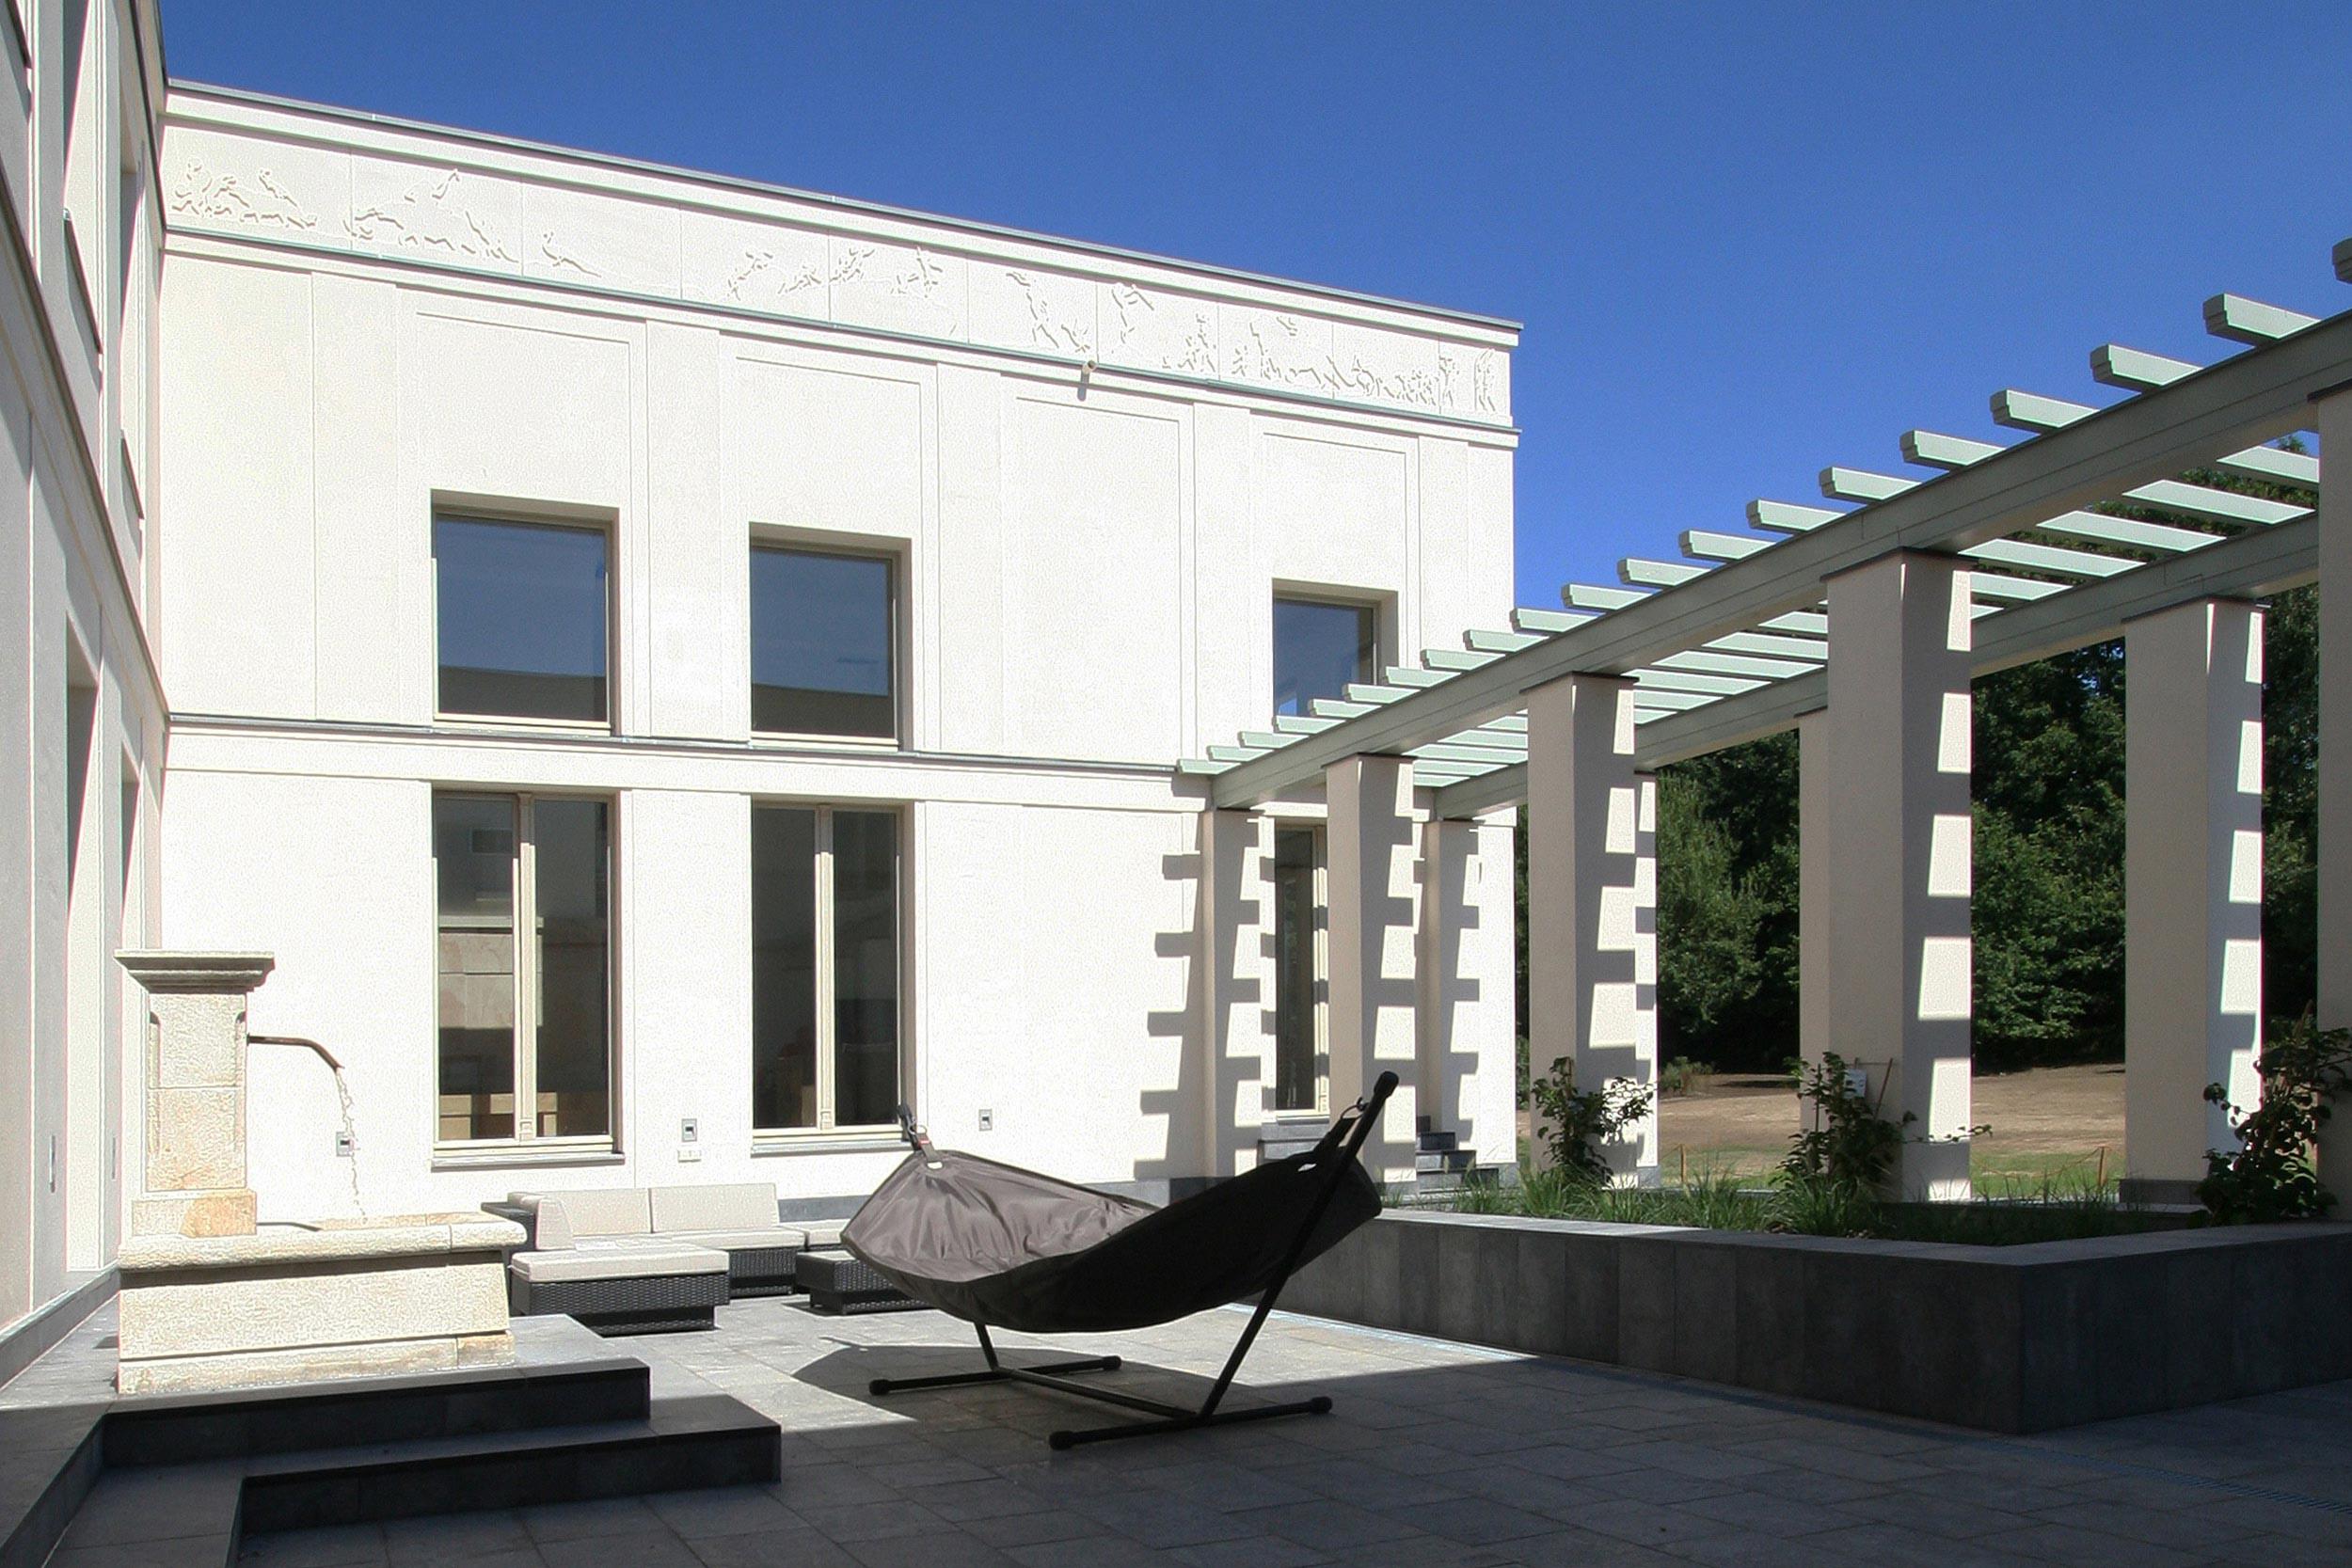 KLASSIK UND TRADITION - Neubau klassizistische Villa - Der Innenhof hat mediteranes Flair und ist mit einer Pergola eingefasst.